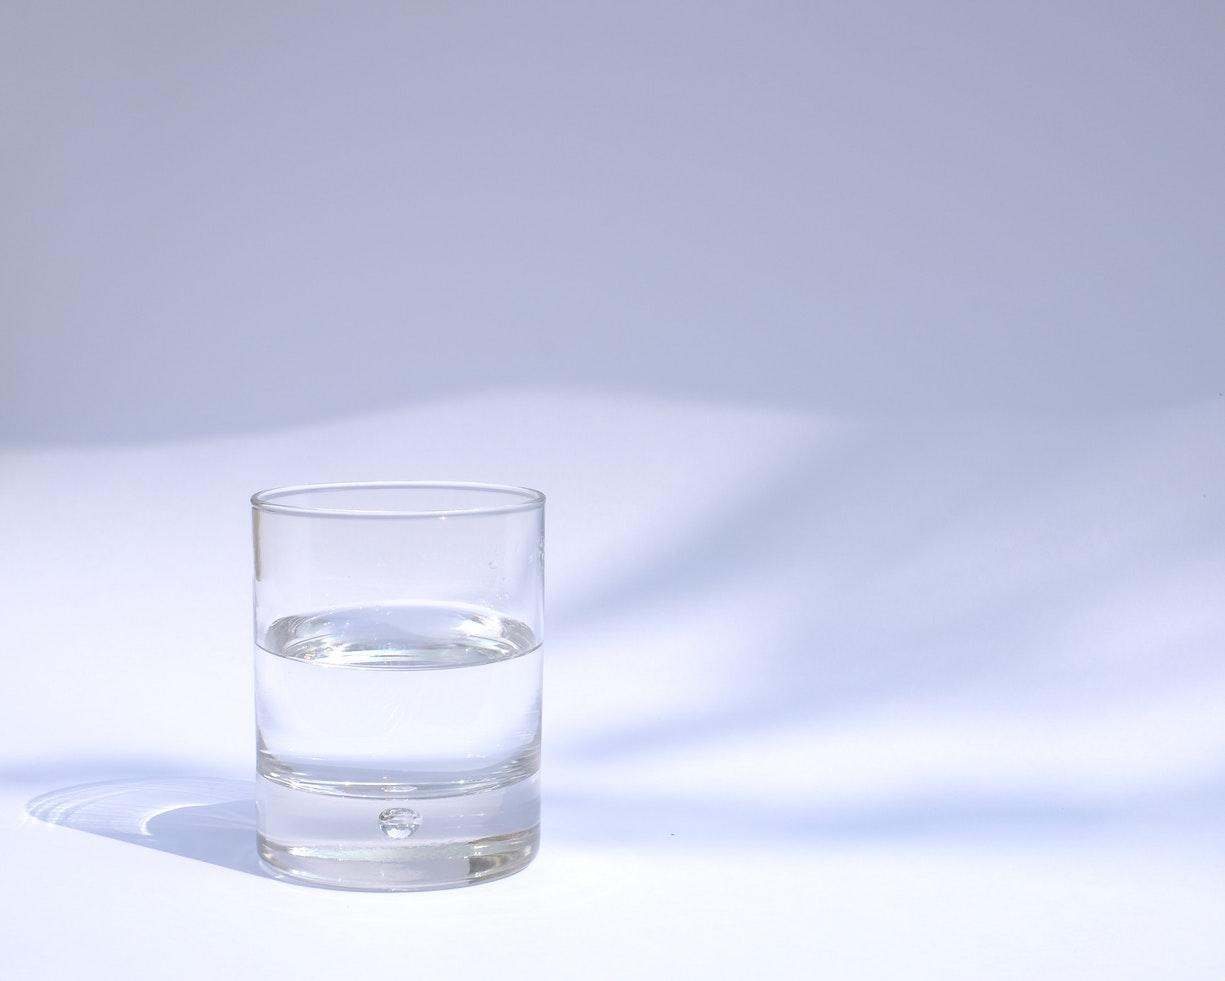 Cómo hacer un filtro casero de agua